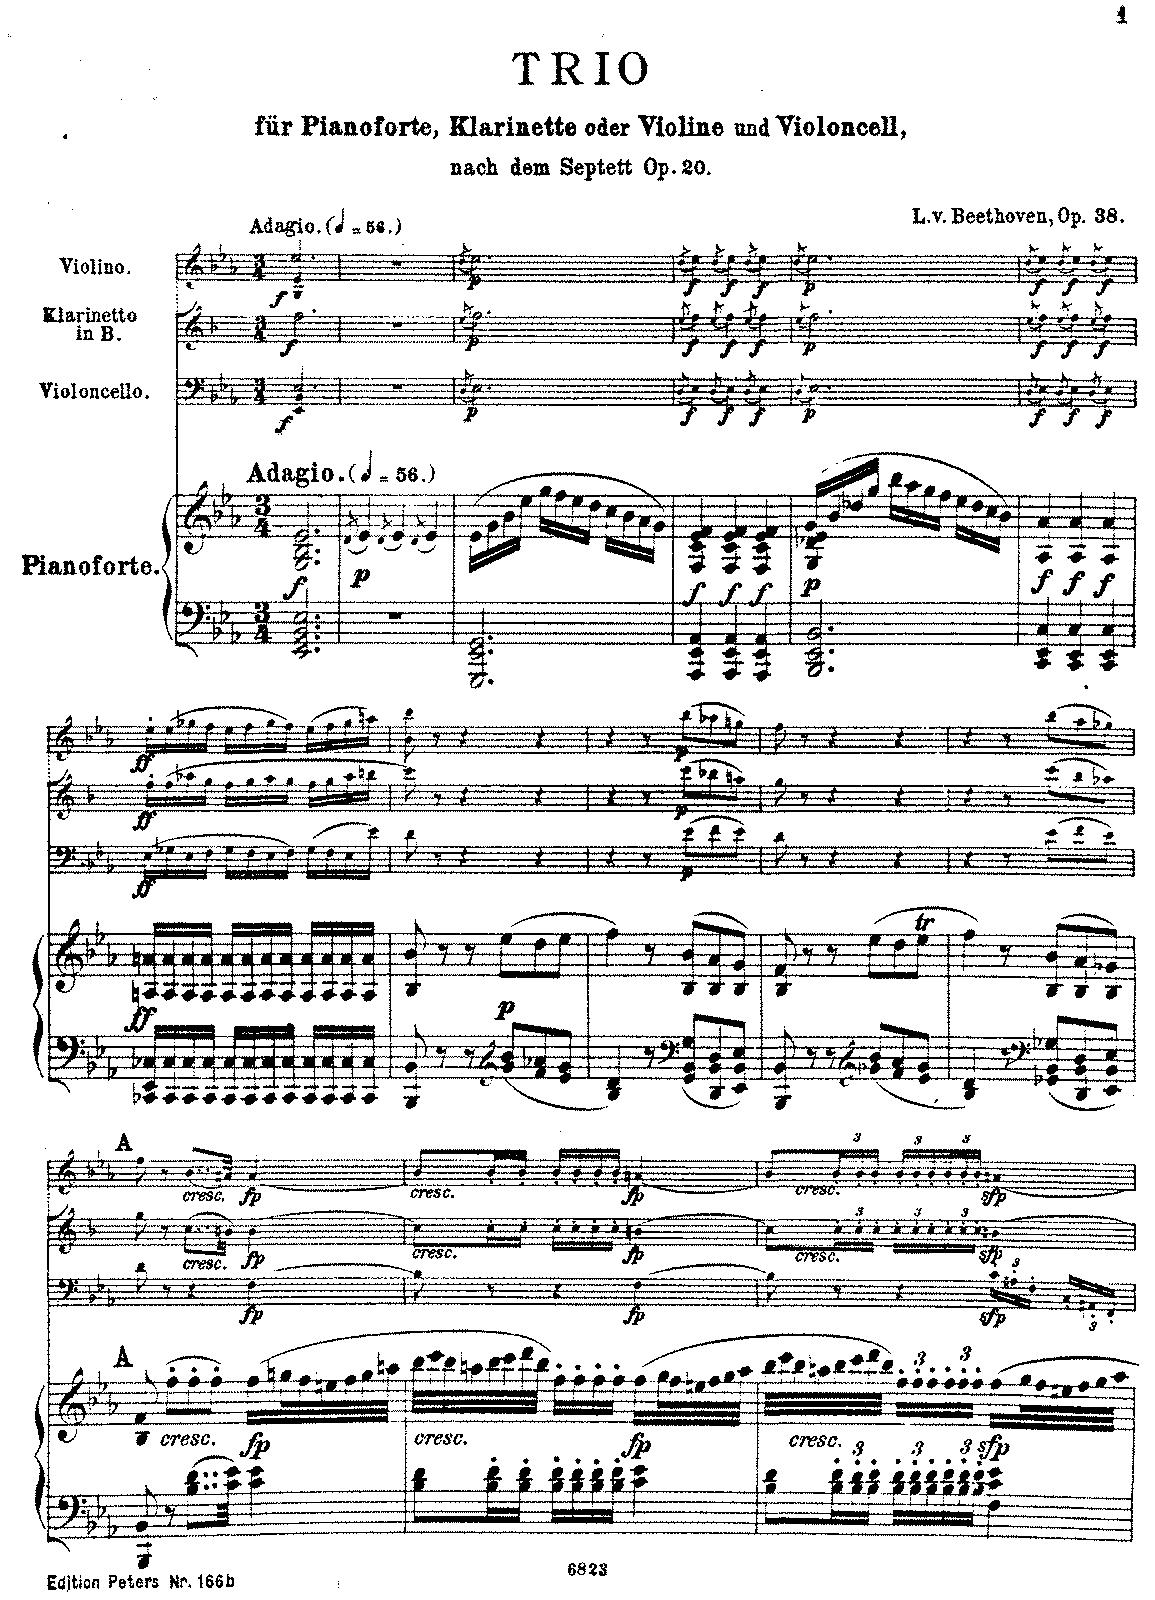 Imslp Adagio And Allegro Suzuki Book